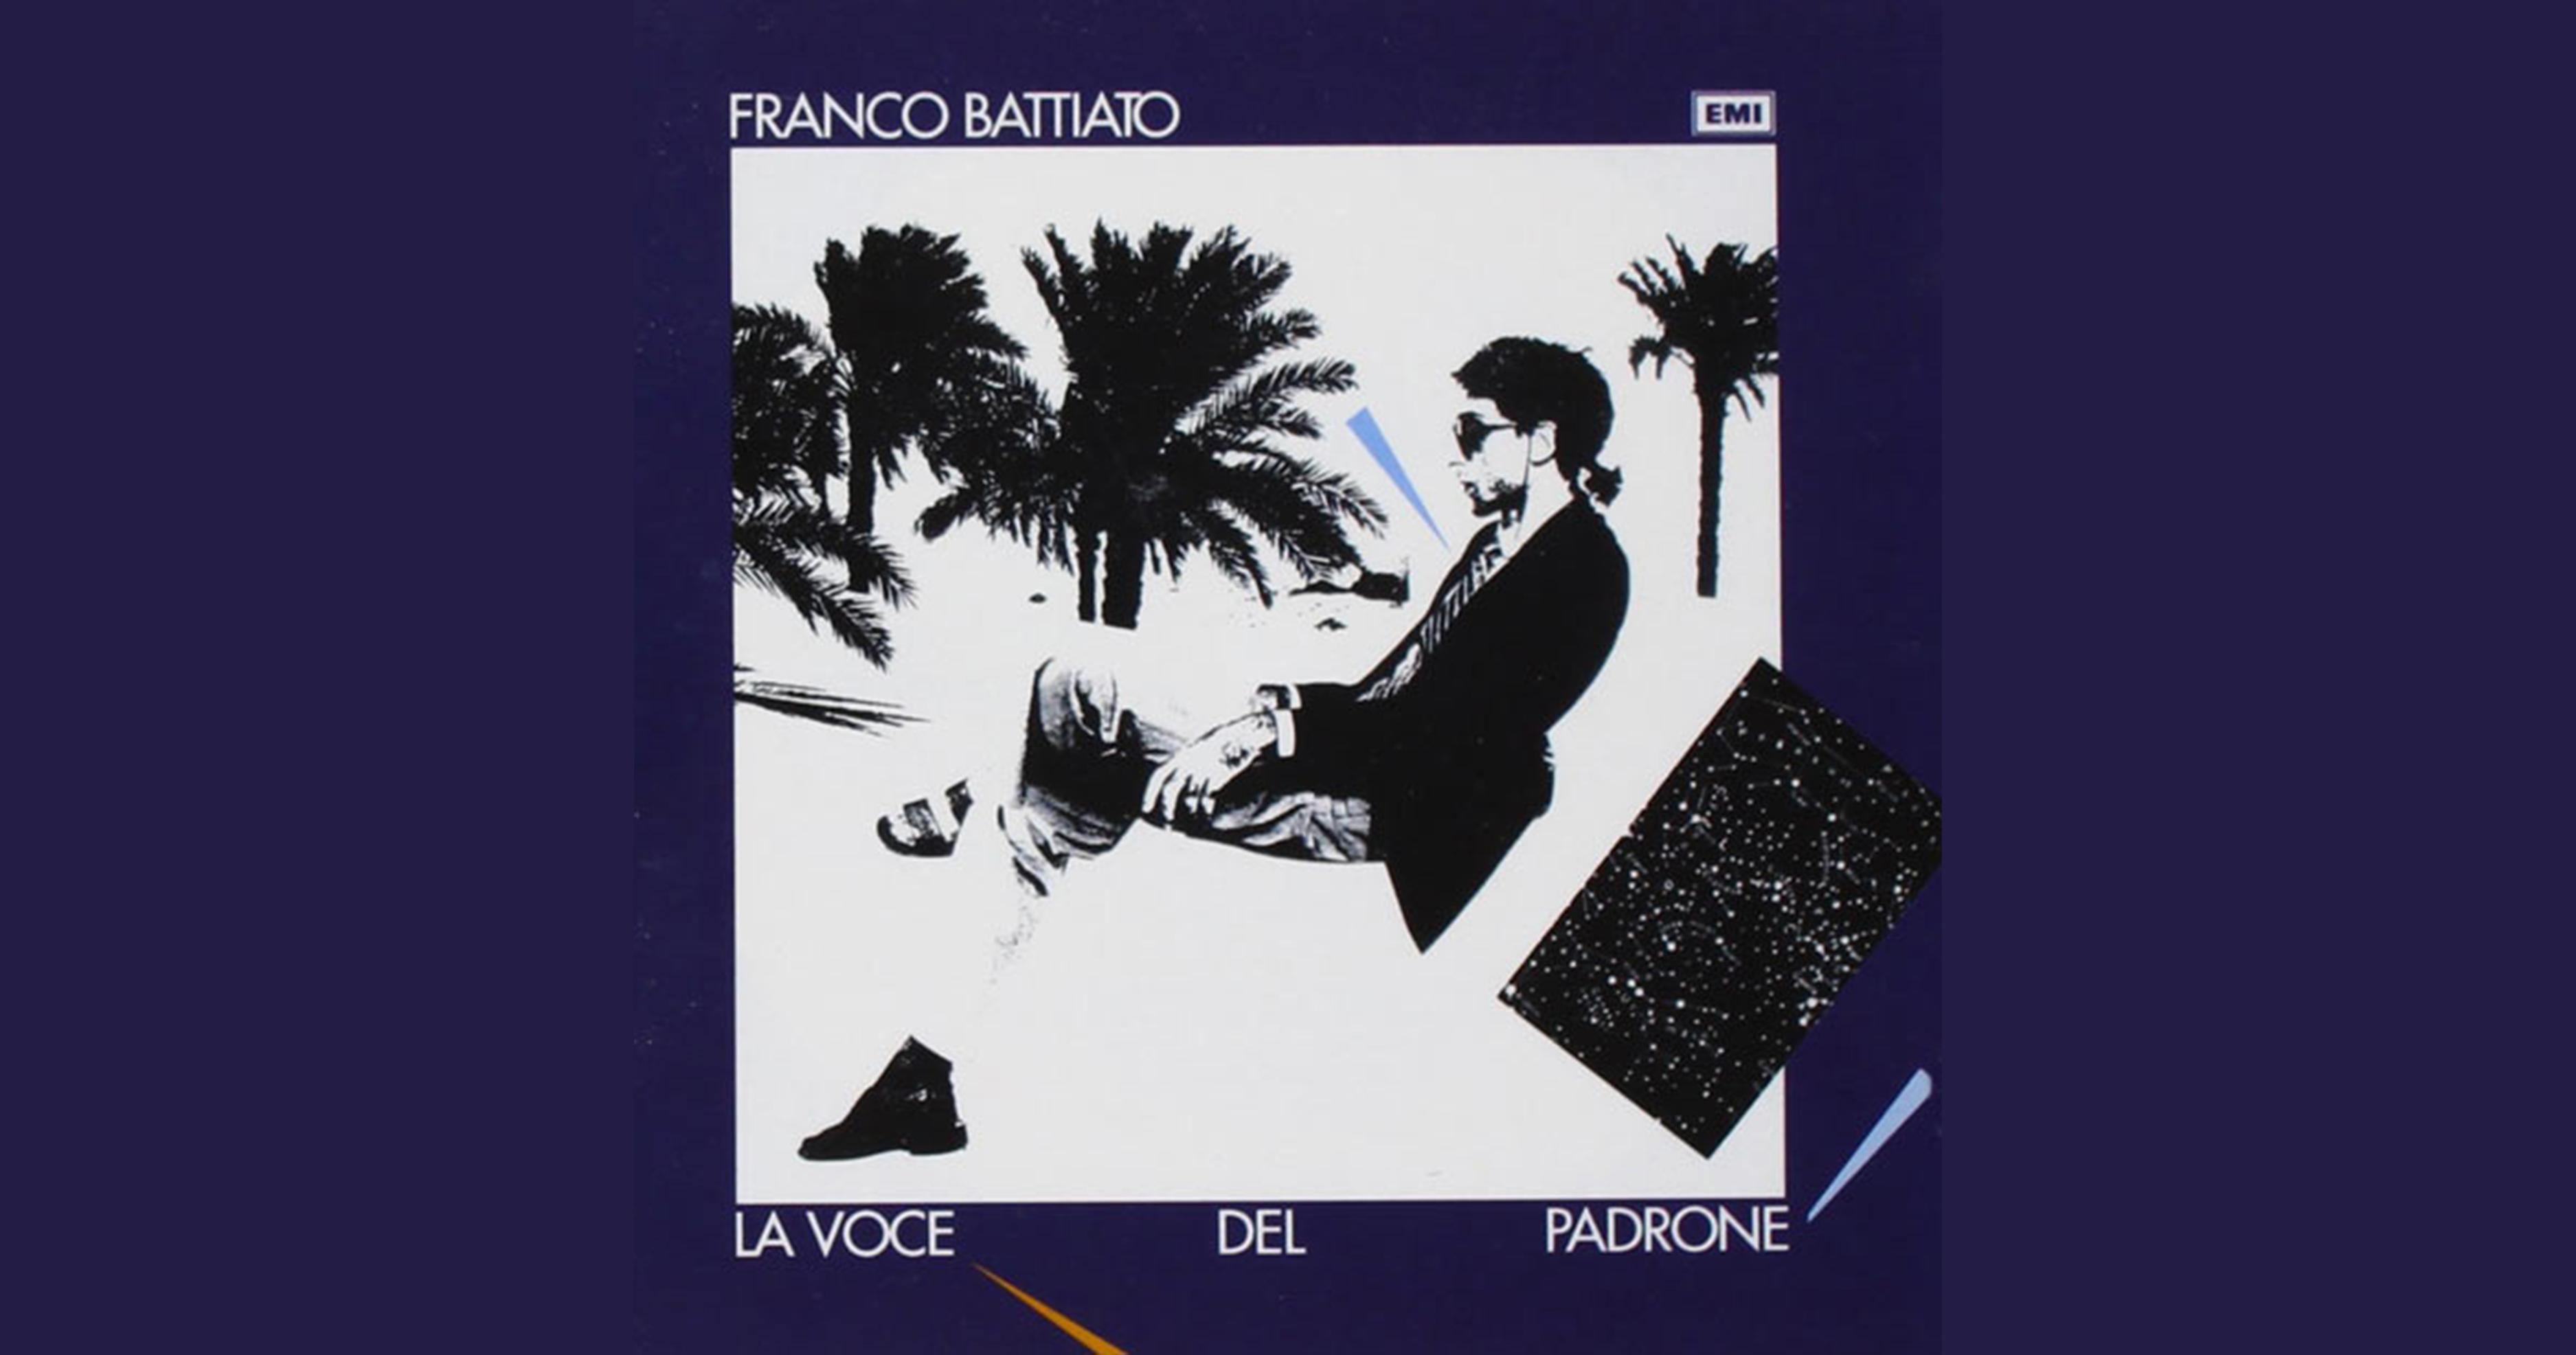 """l'immagine a colori mostra la copertina dell'album """"La Voce del Padrone"""" di Franco Battiato; Battiato porta il codino, gli occhiali da sole, è fotografato di profilo e indossa sandali con calzini bianchi"""